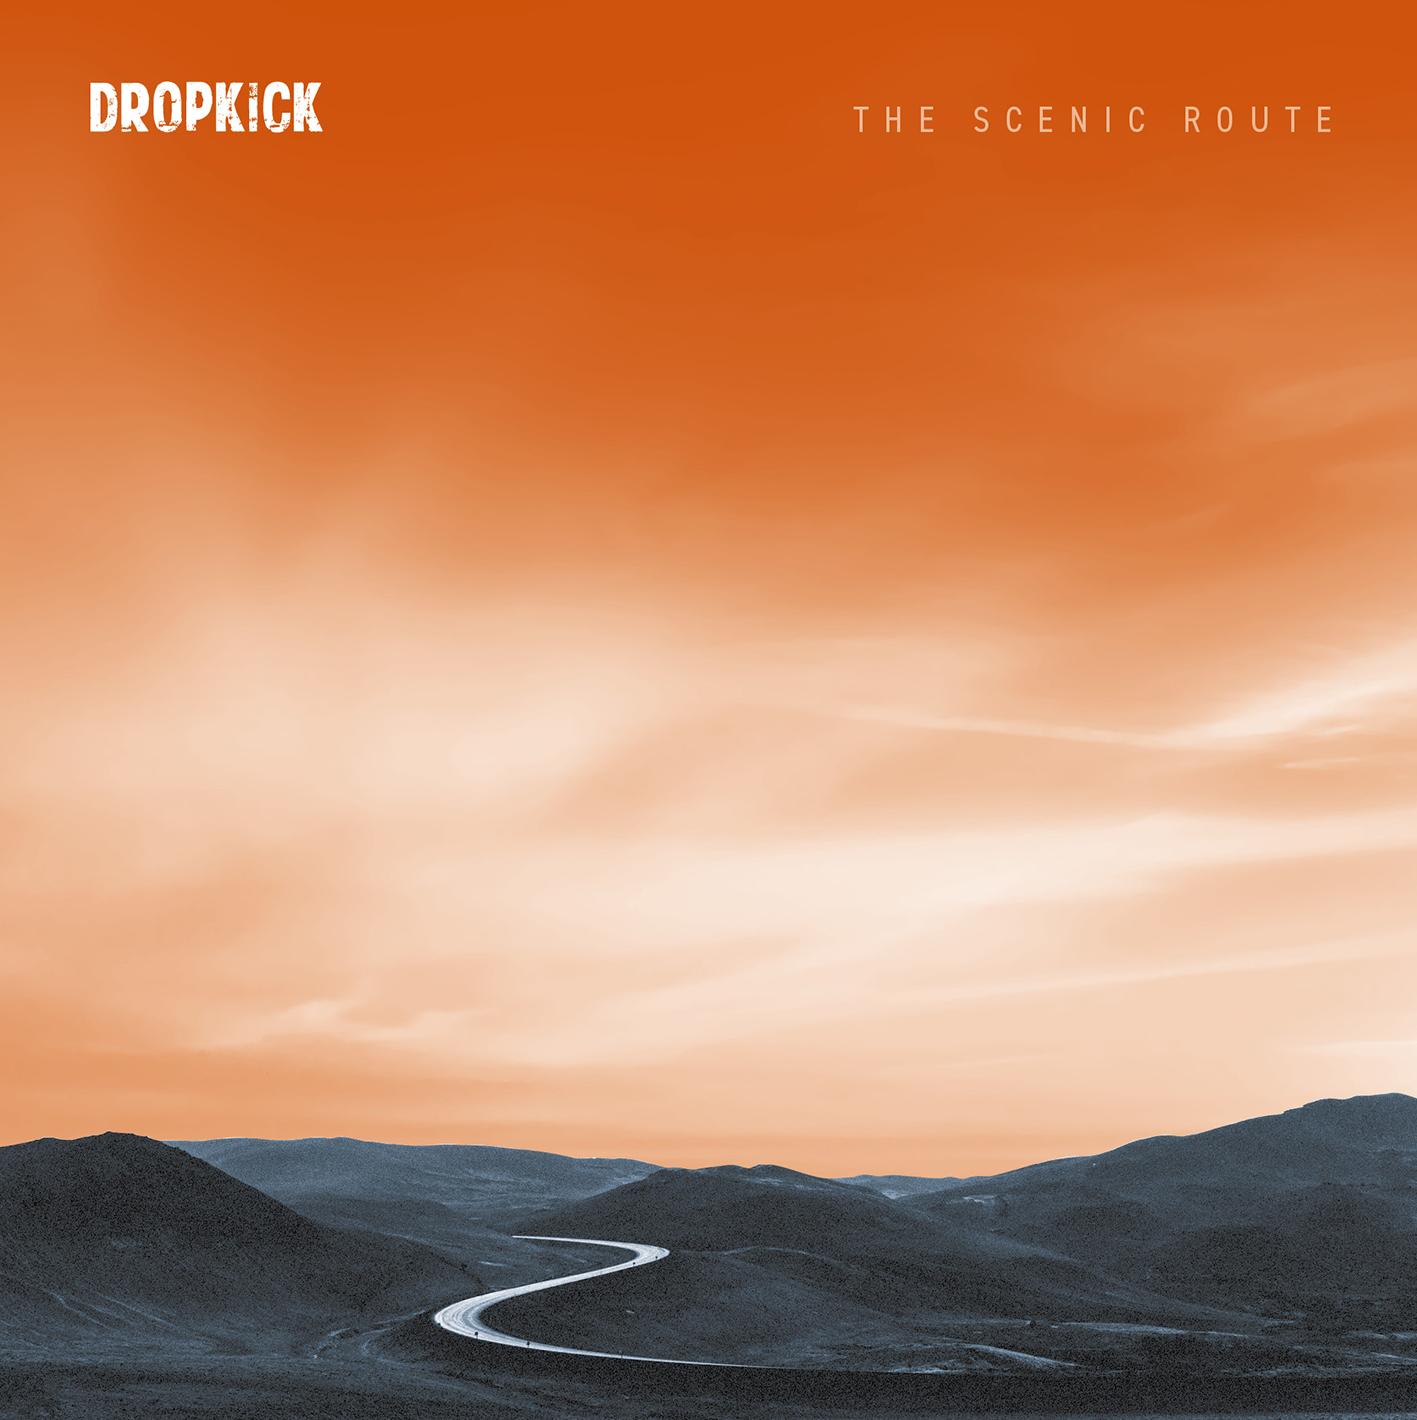 Dropkick - The Scenic Route